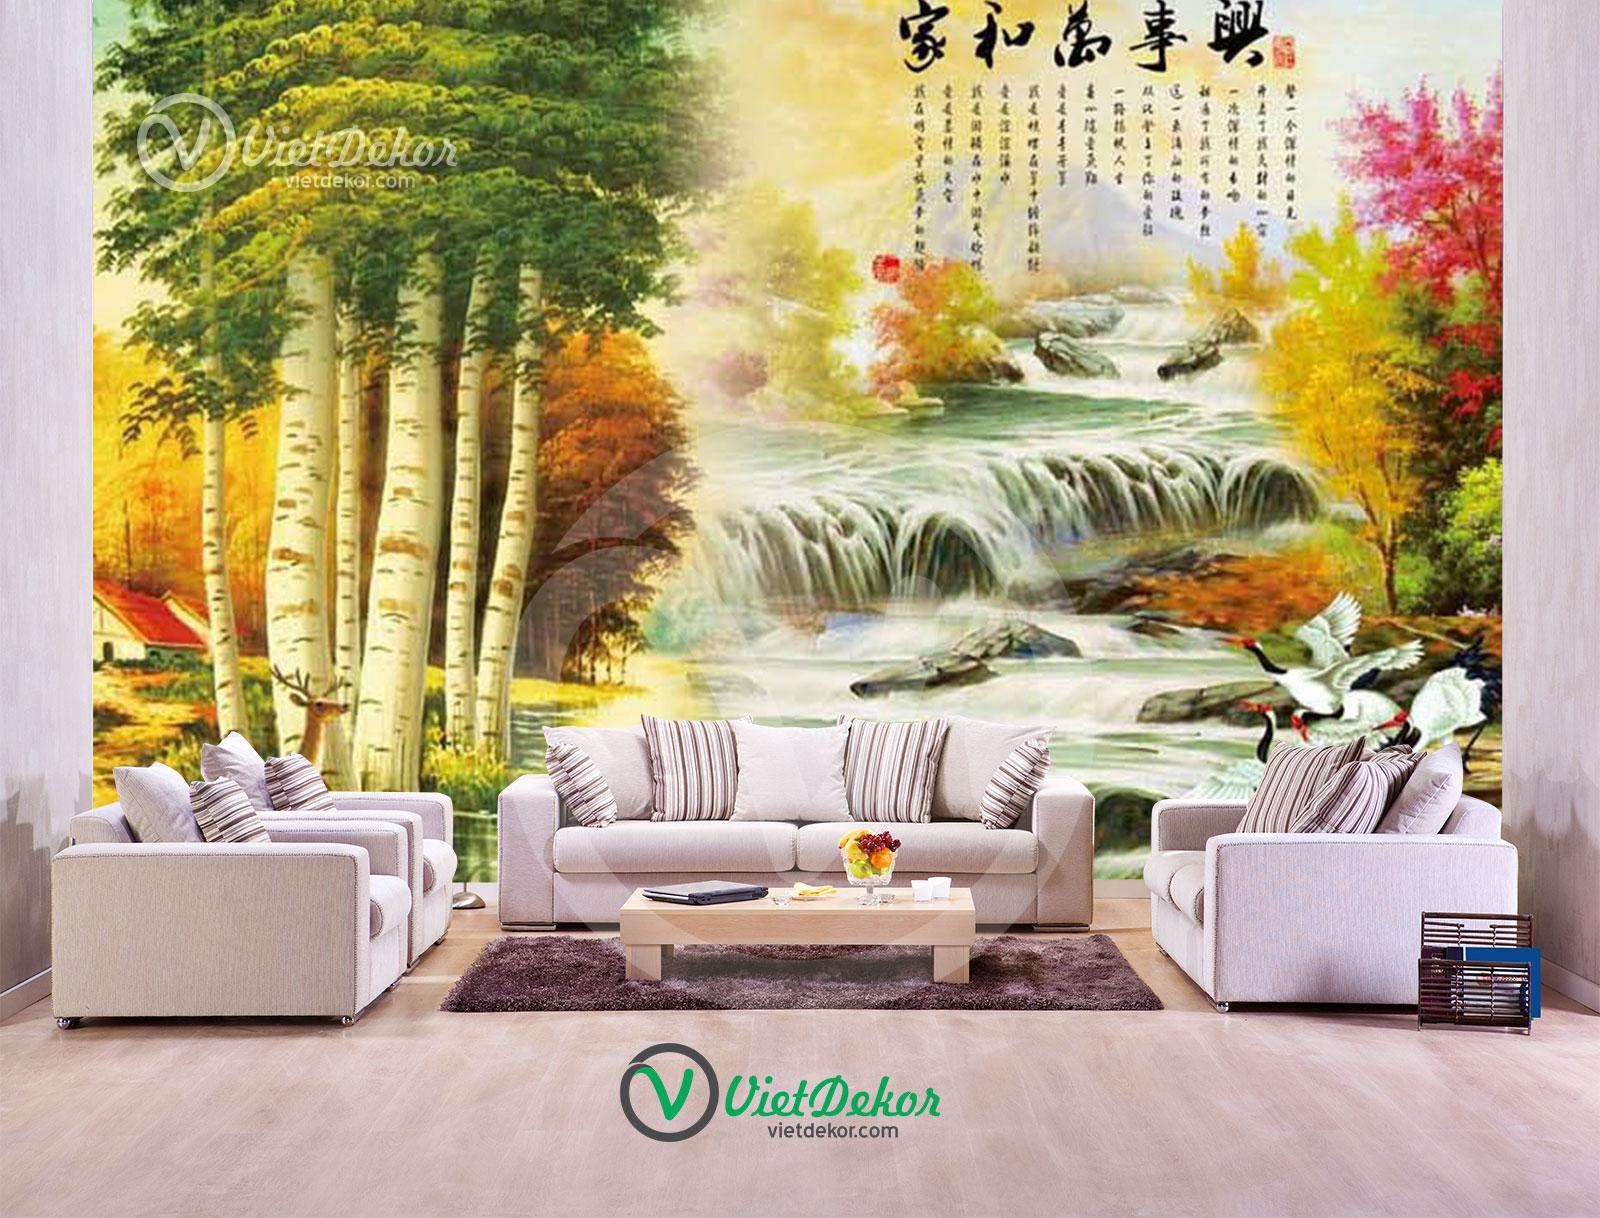 Tranh dán tường 3d thác nước cây lớn